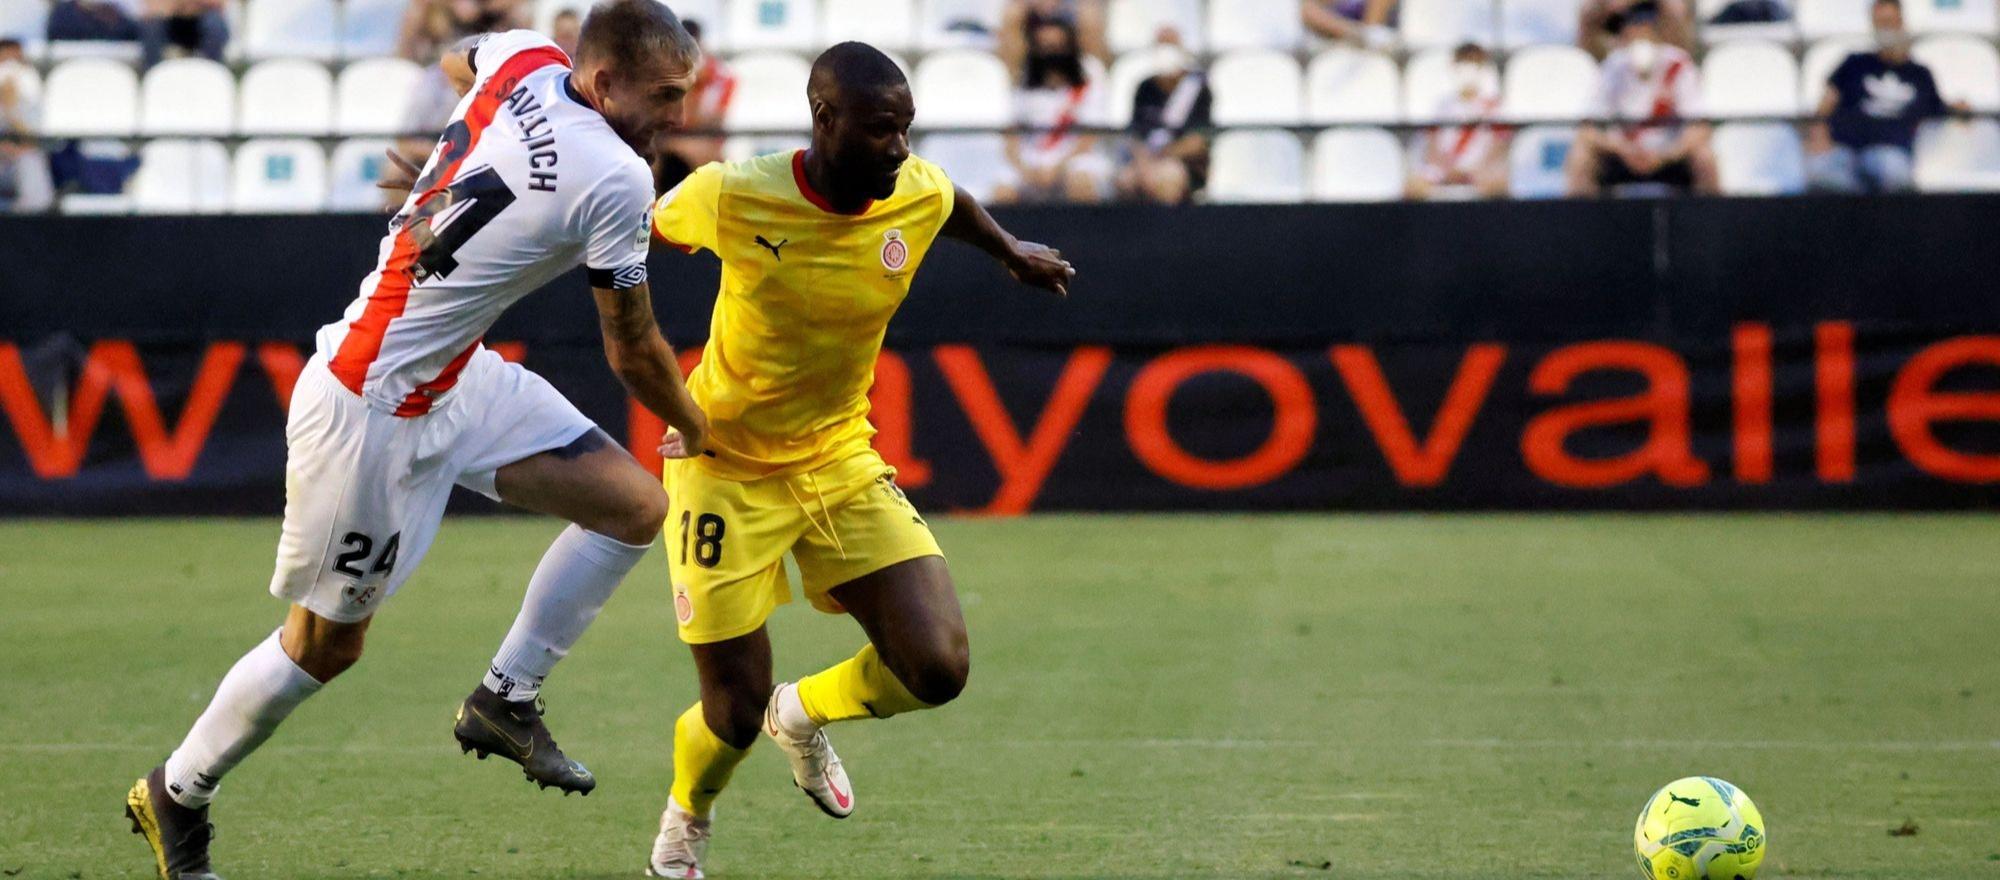 Meritori triomf del Girona a Vallecas que l'acosta a Primera Divisió